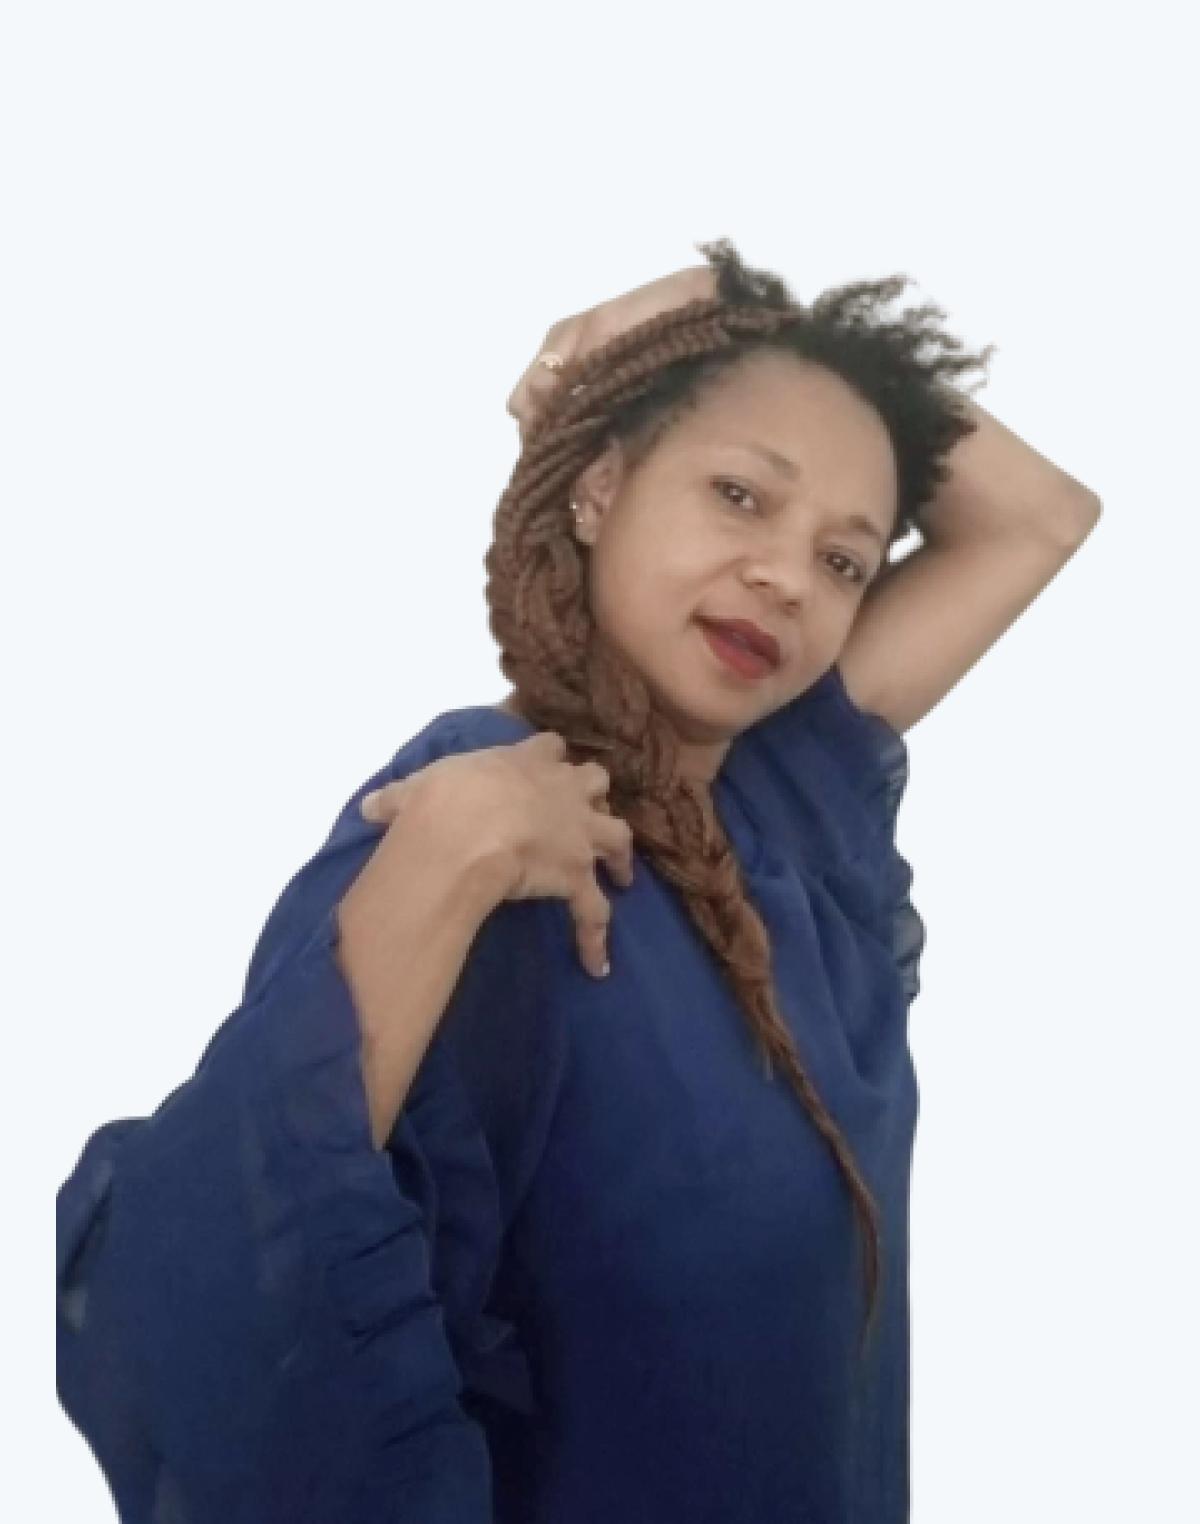 Kio Mwakio